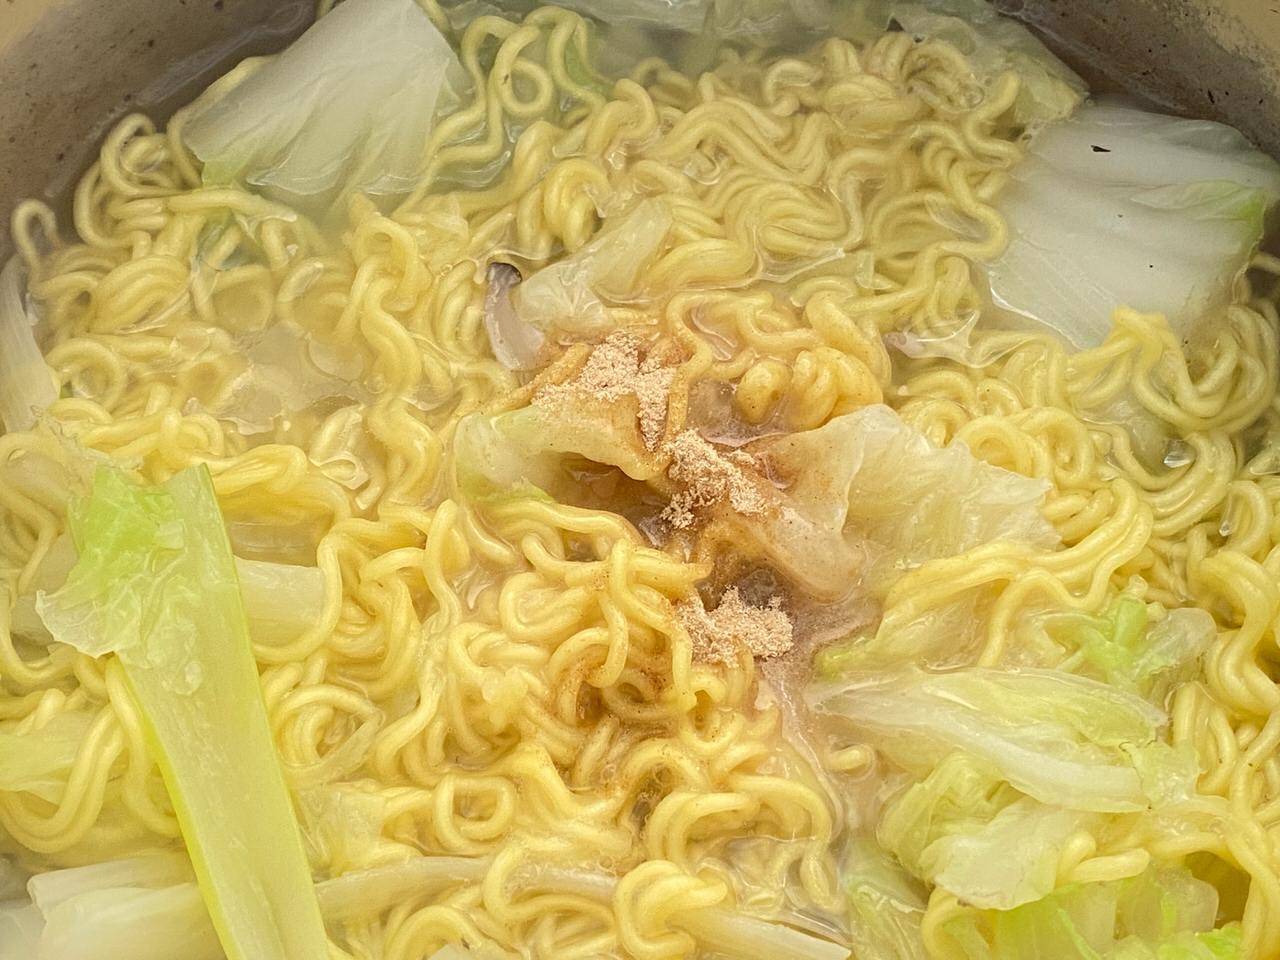 ローソンストア100で購入した寿がきやの袋麺「スガキヤラーメン」和風とんこつは毎日食べられる優しき味 5